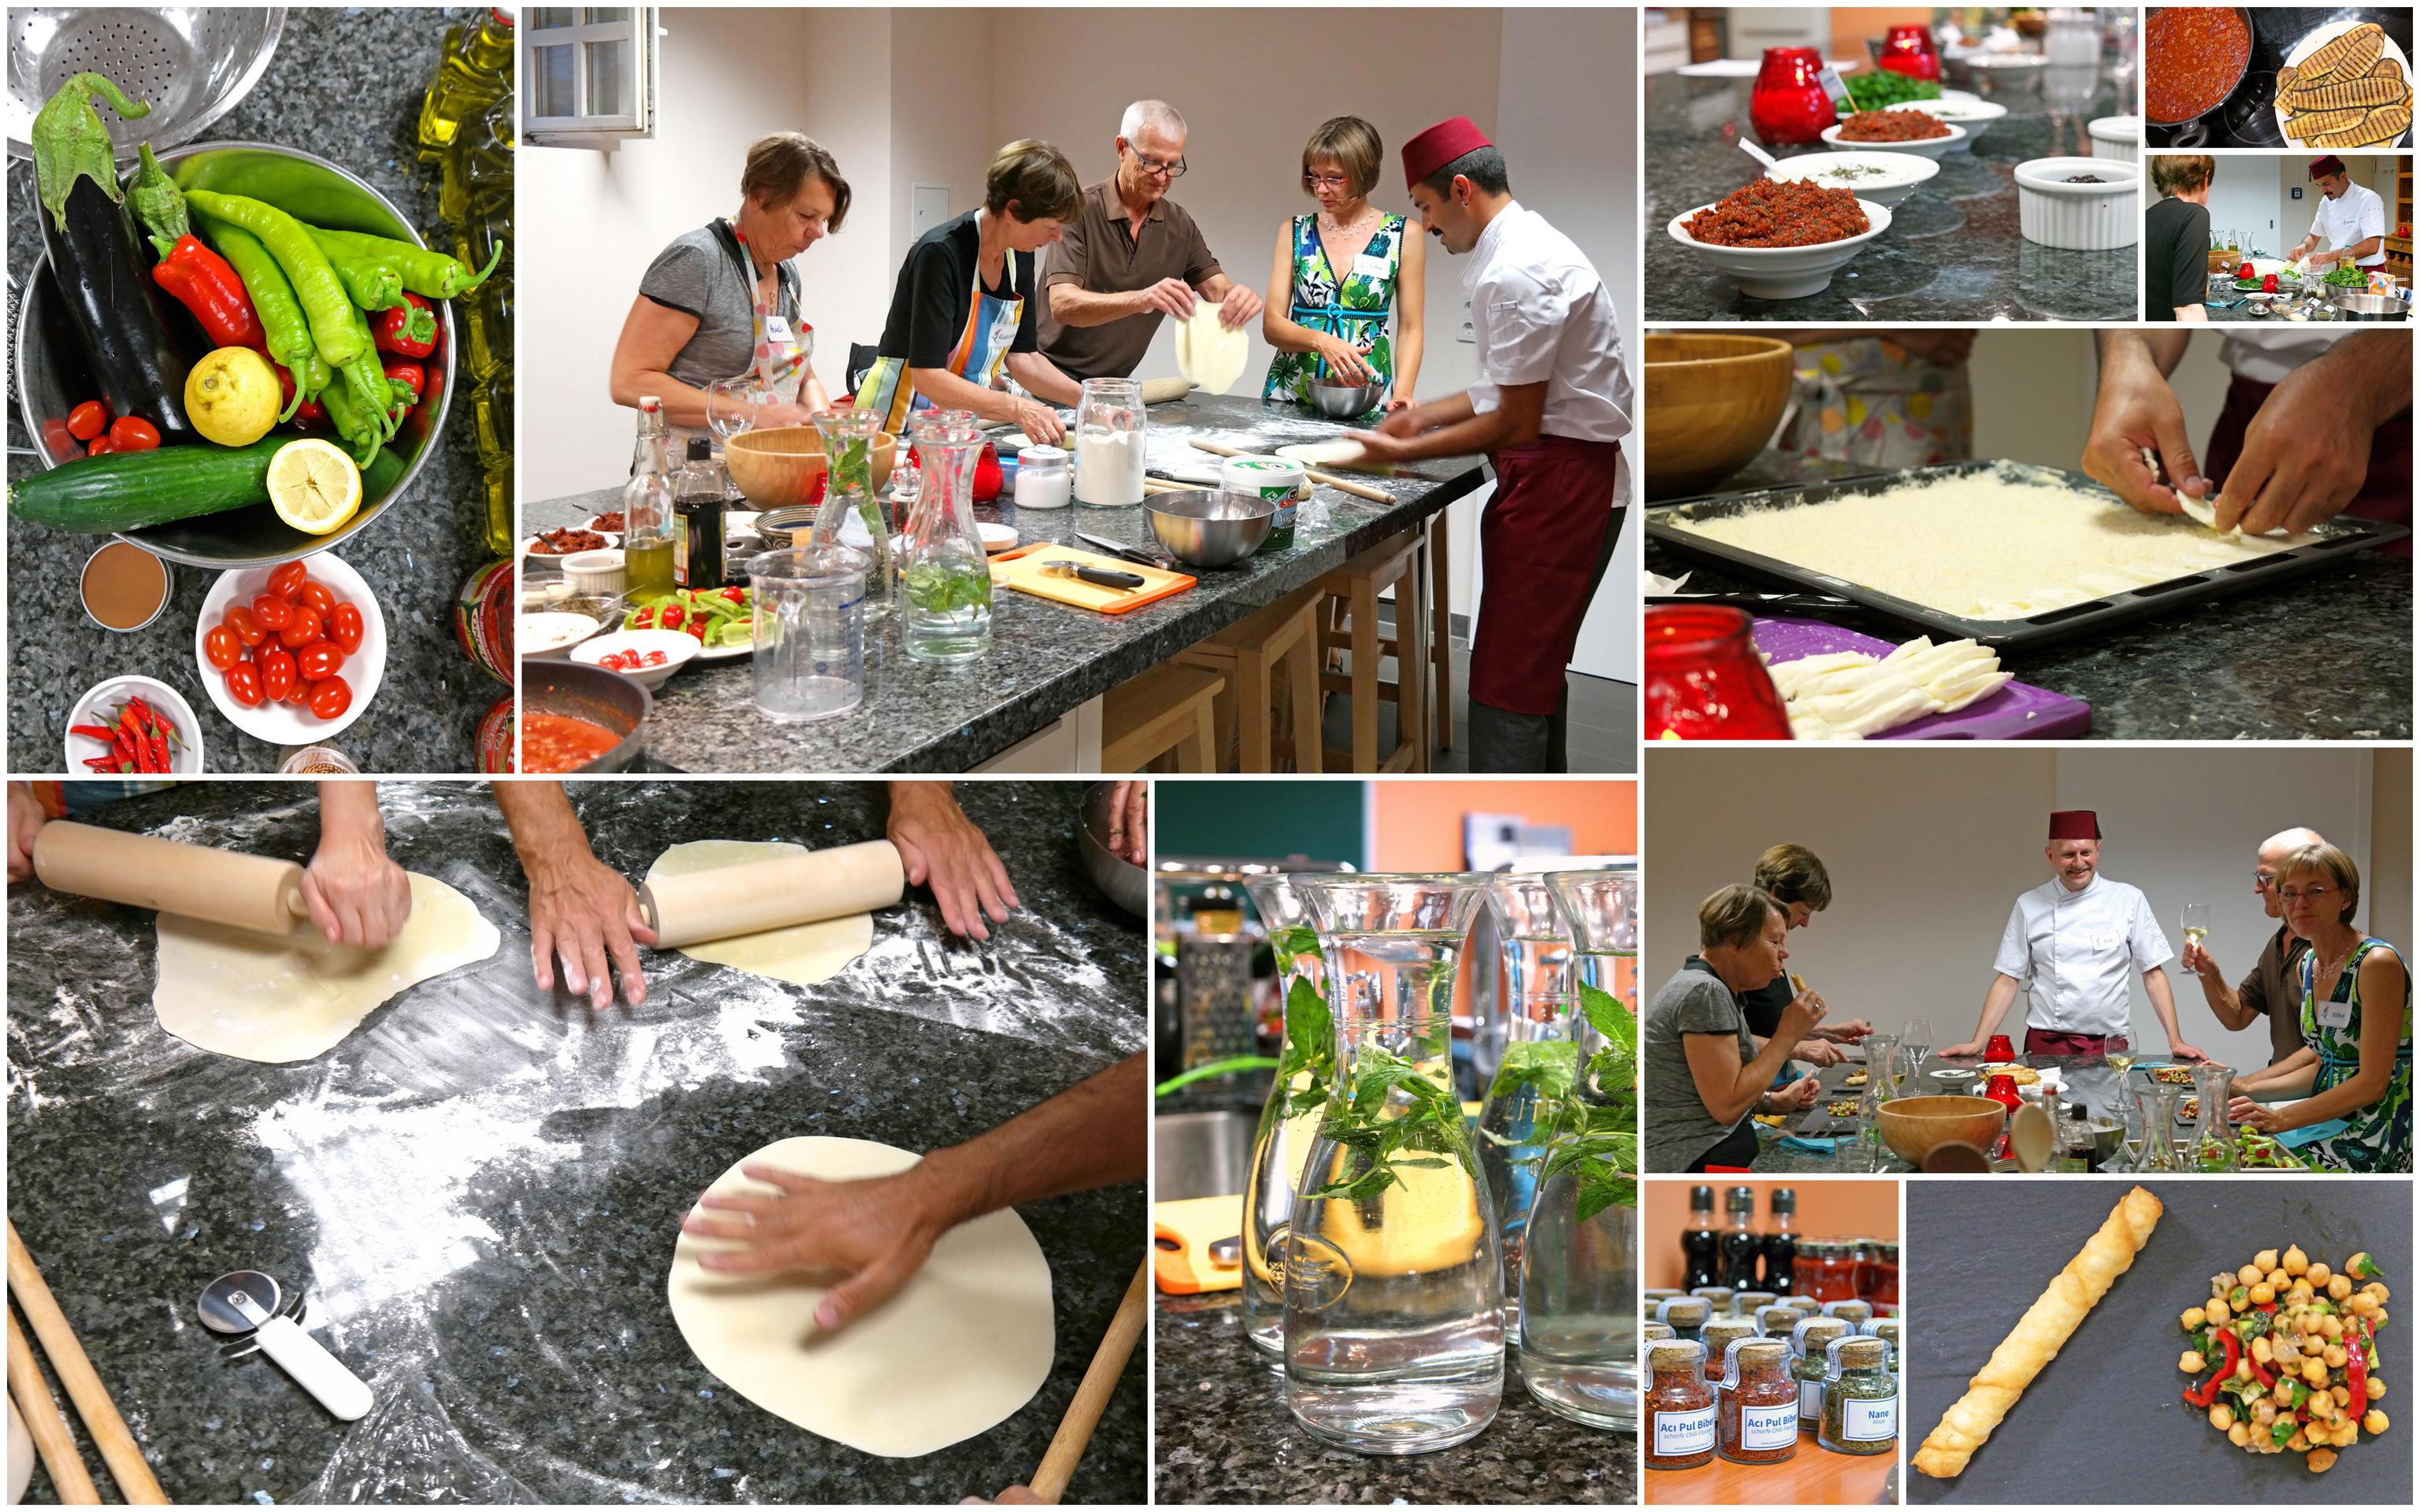 Kochseminar anatolisch kochen